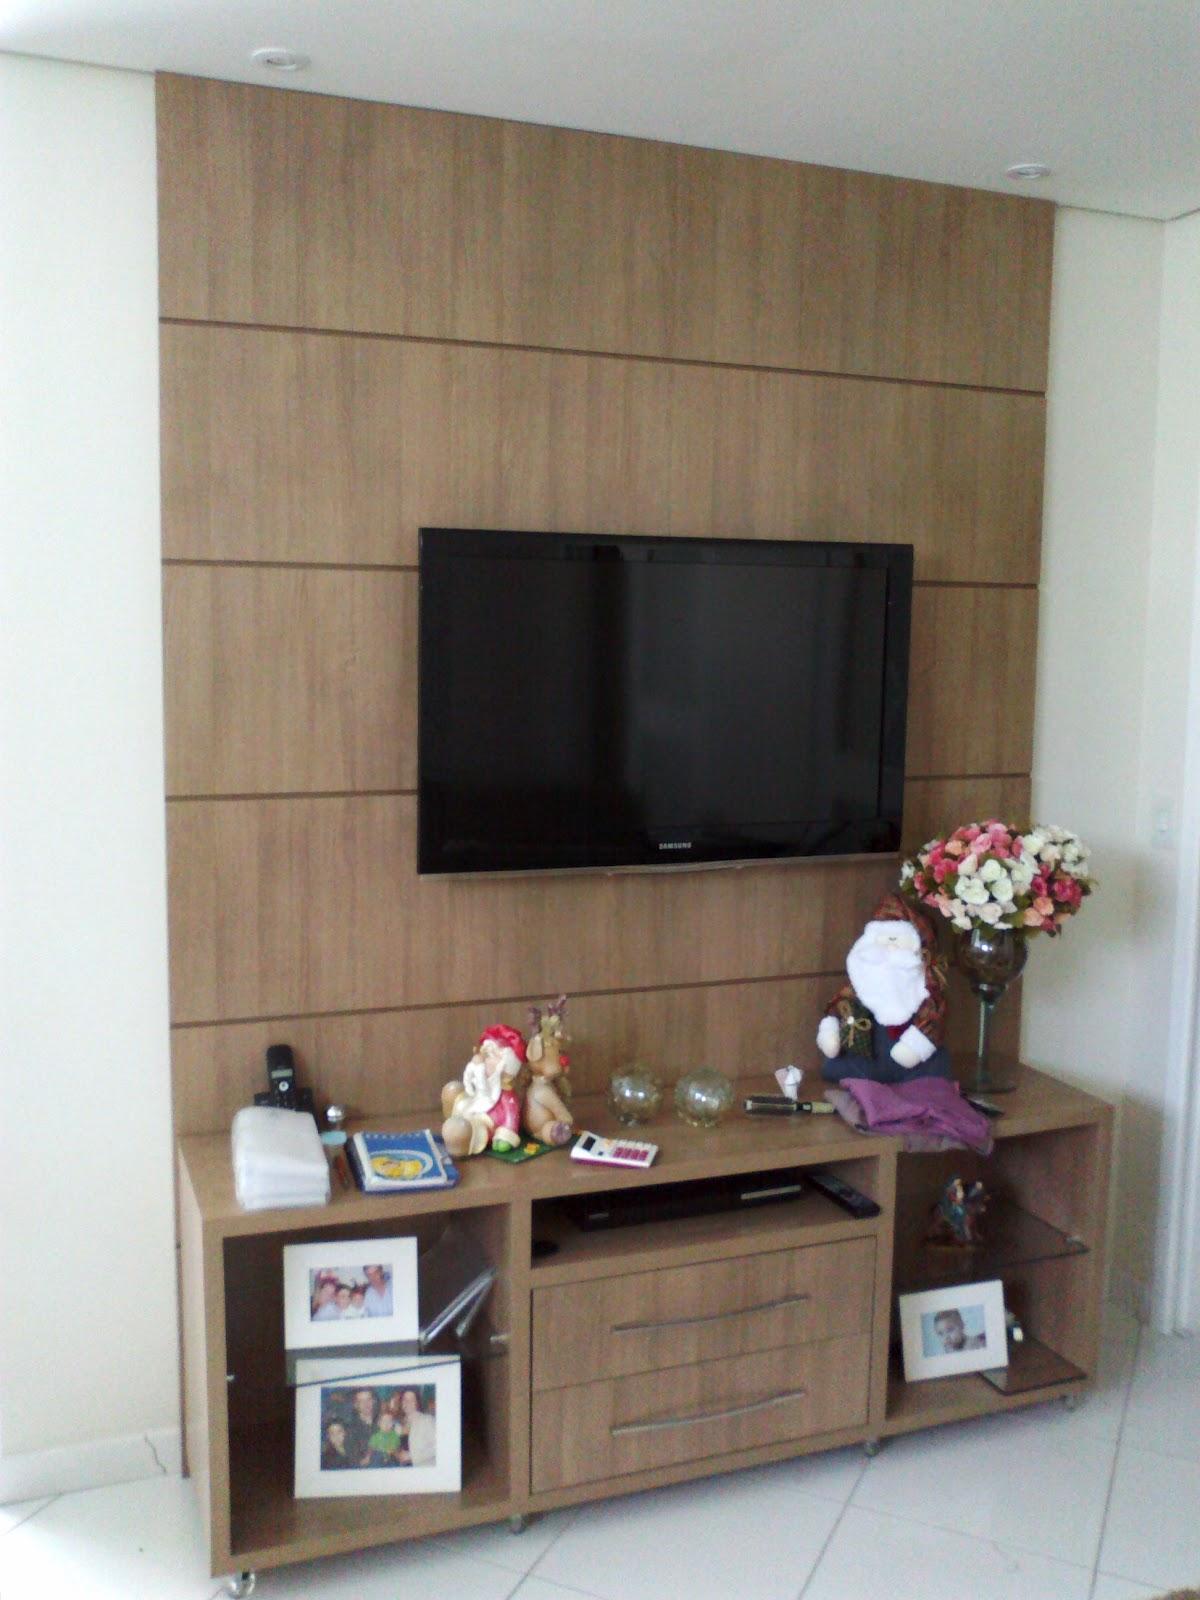 Vitória Móveis sob medida: Rack com painel para TV #634A3C 1200x1600